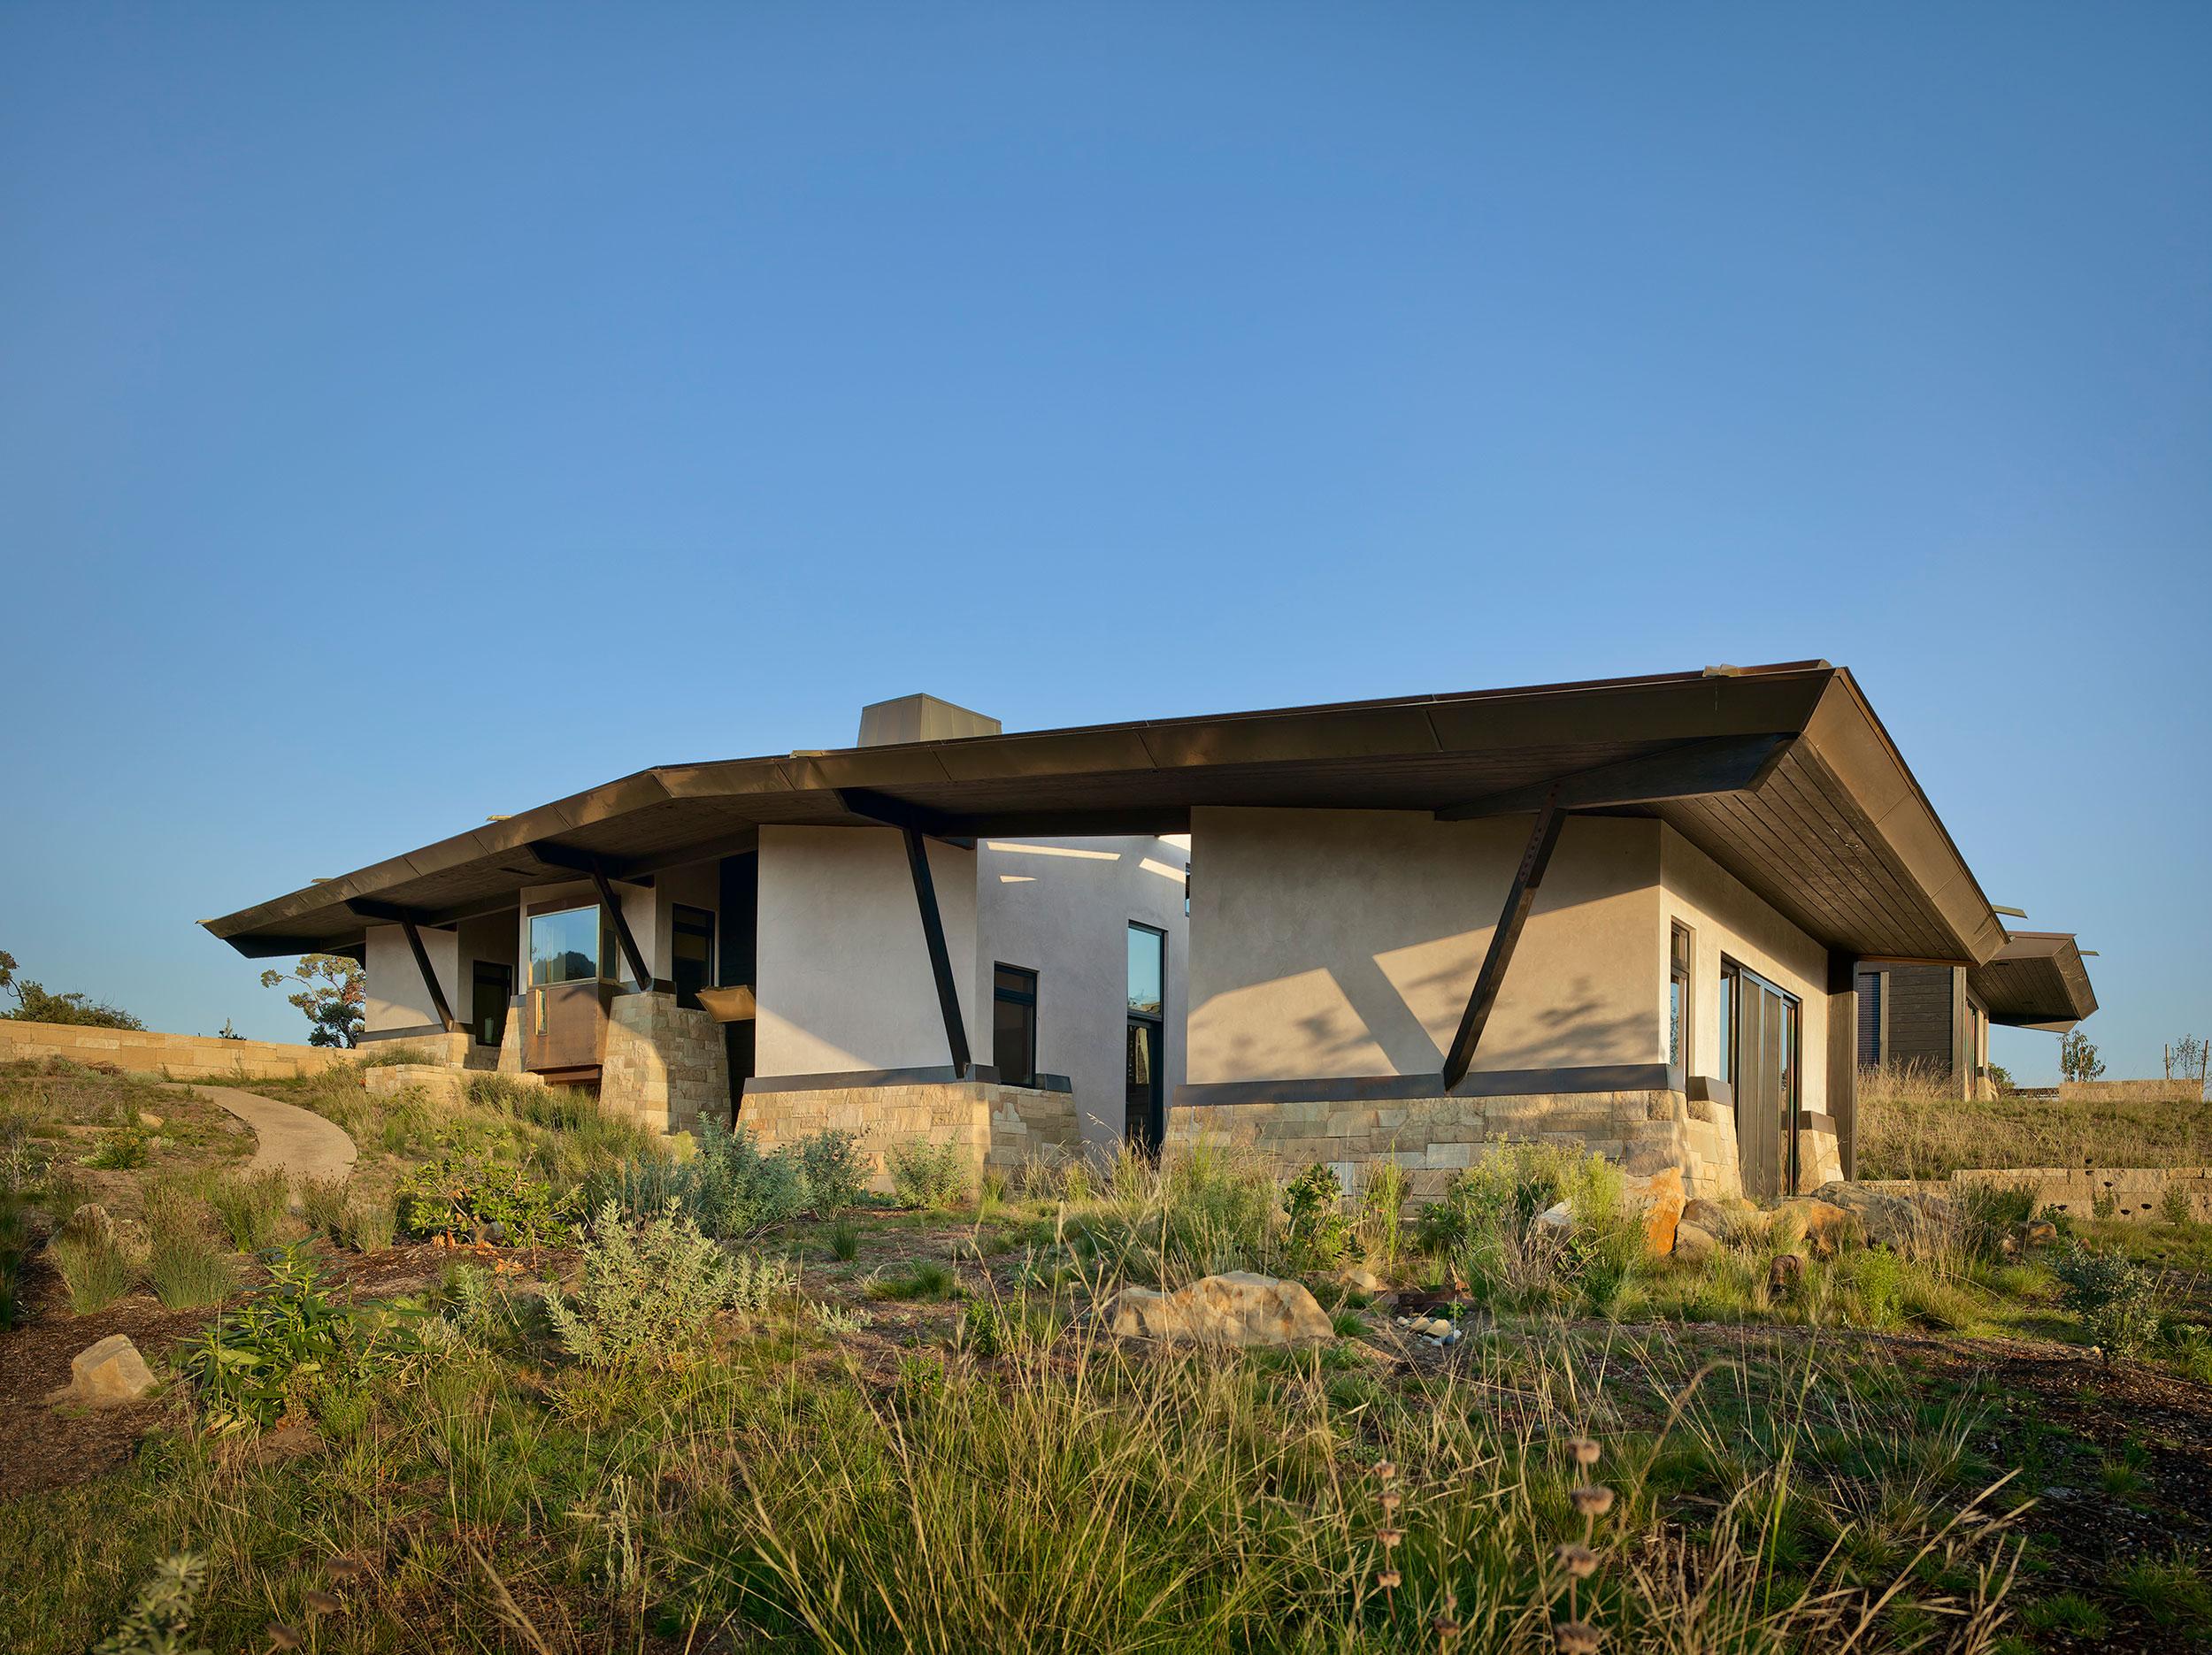 California Residence, House, Sustainability, Nature, Natural Light, Biophilia, Ecology, Habitat, Roof